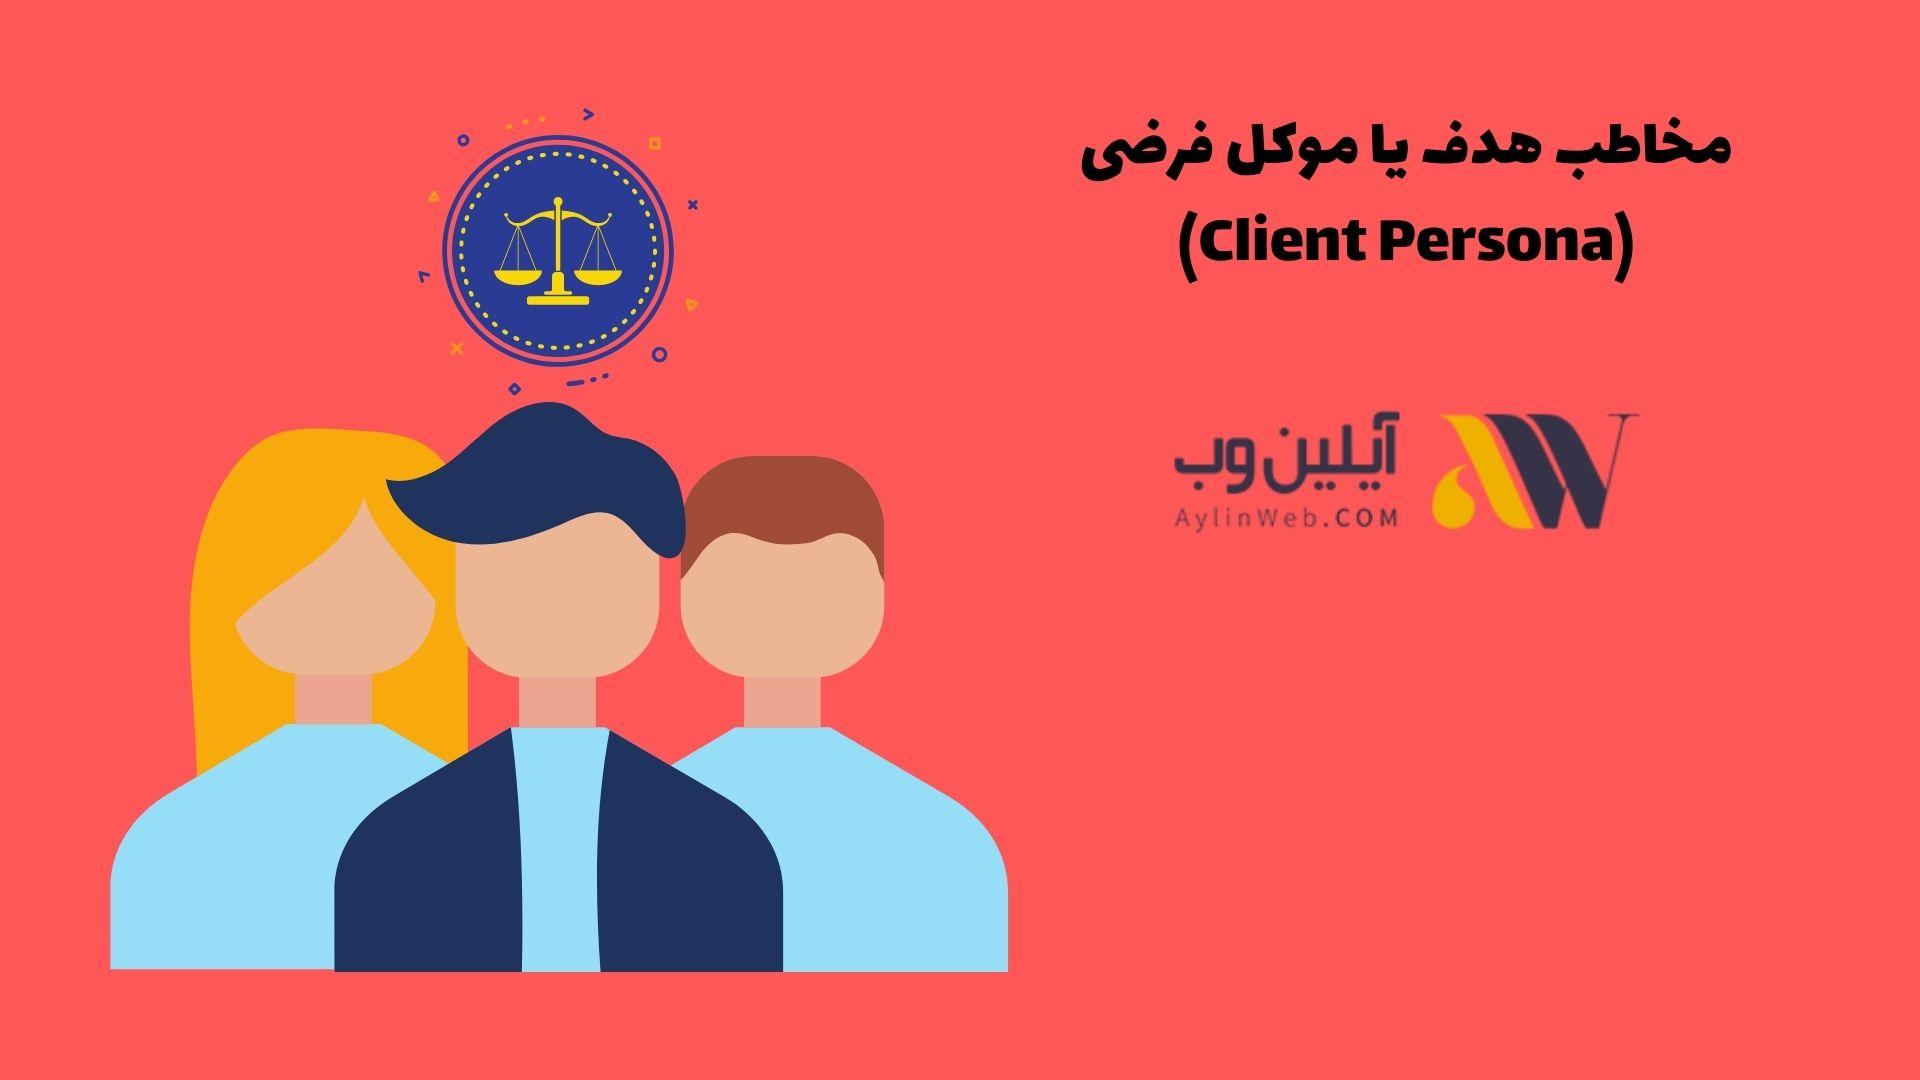 مخاطب هدف یا موکل فرضی (Client Persona)